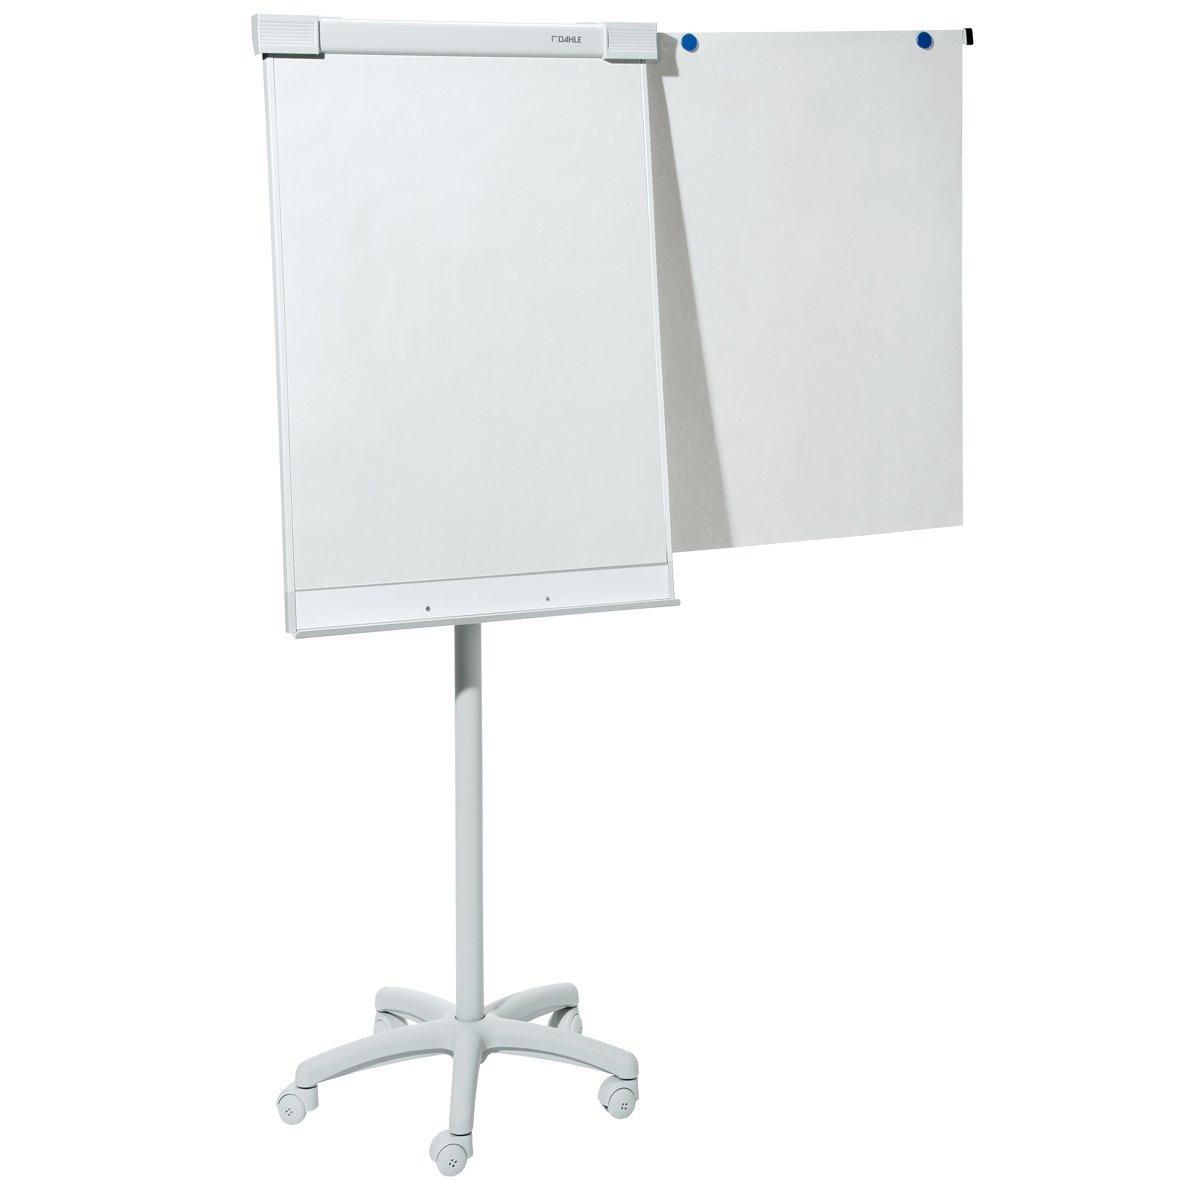 Dahle 00.00.95037 - Fogli per Lavagna, 68 x 95 cm (Confezione da 5)